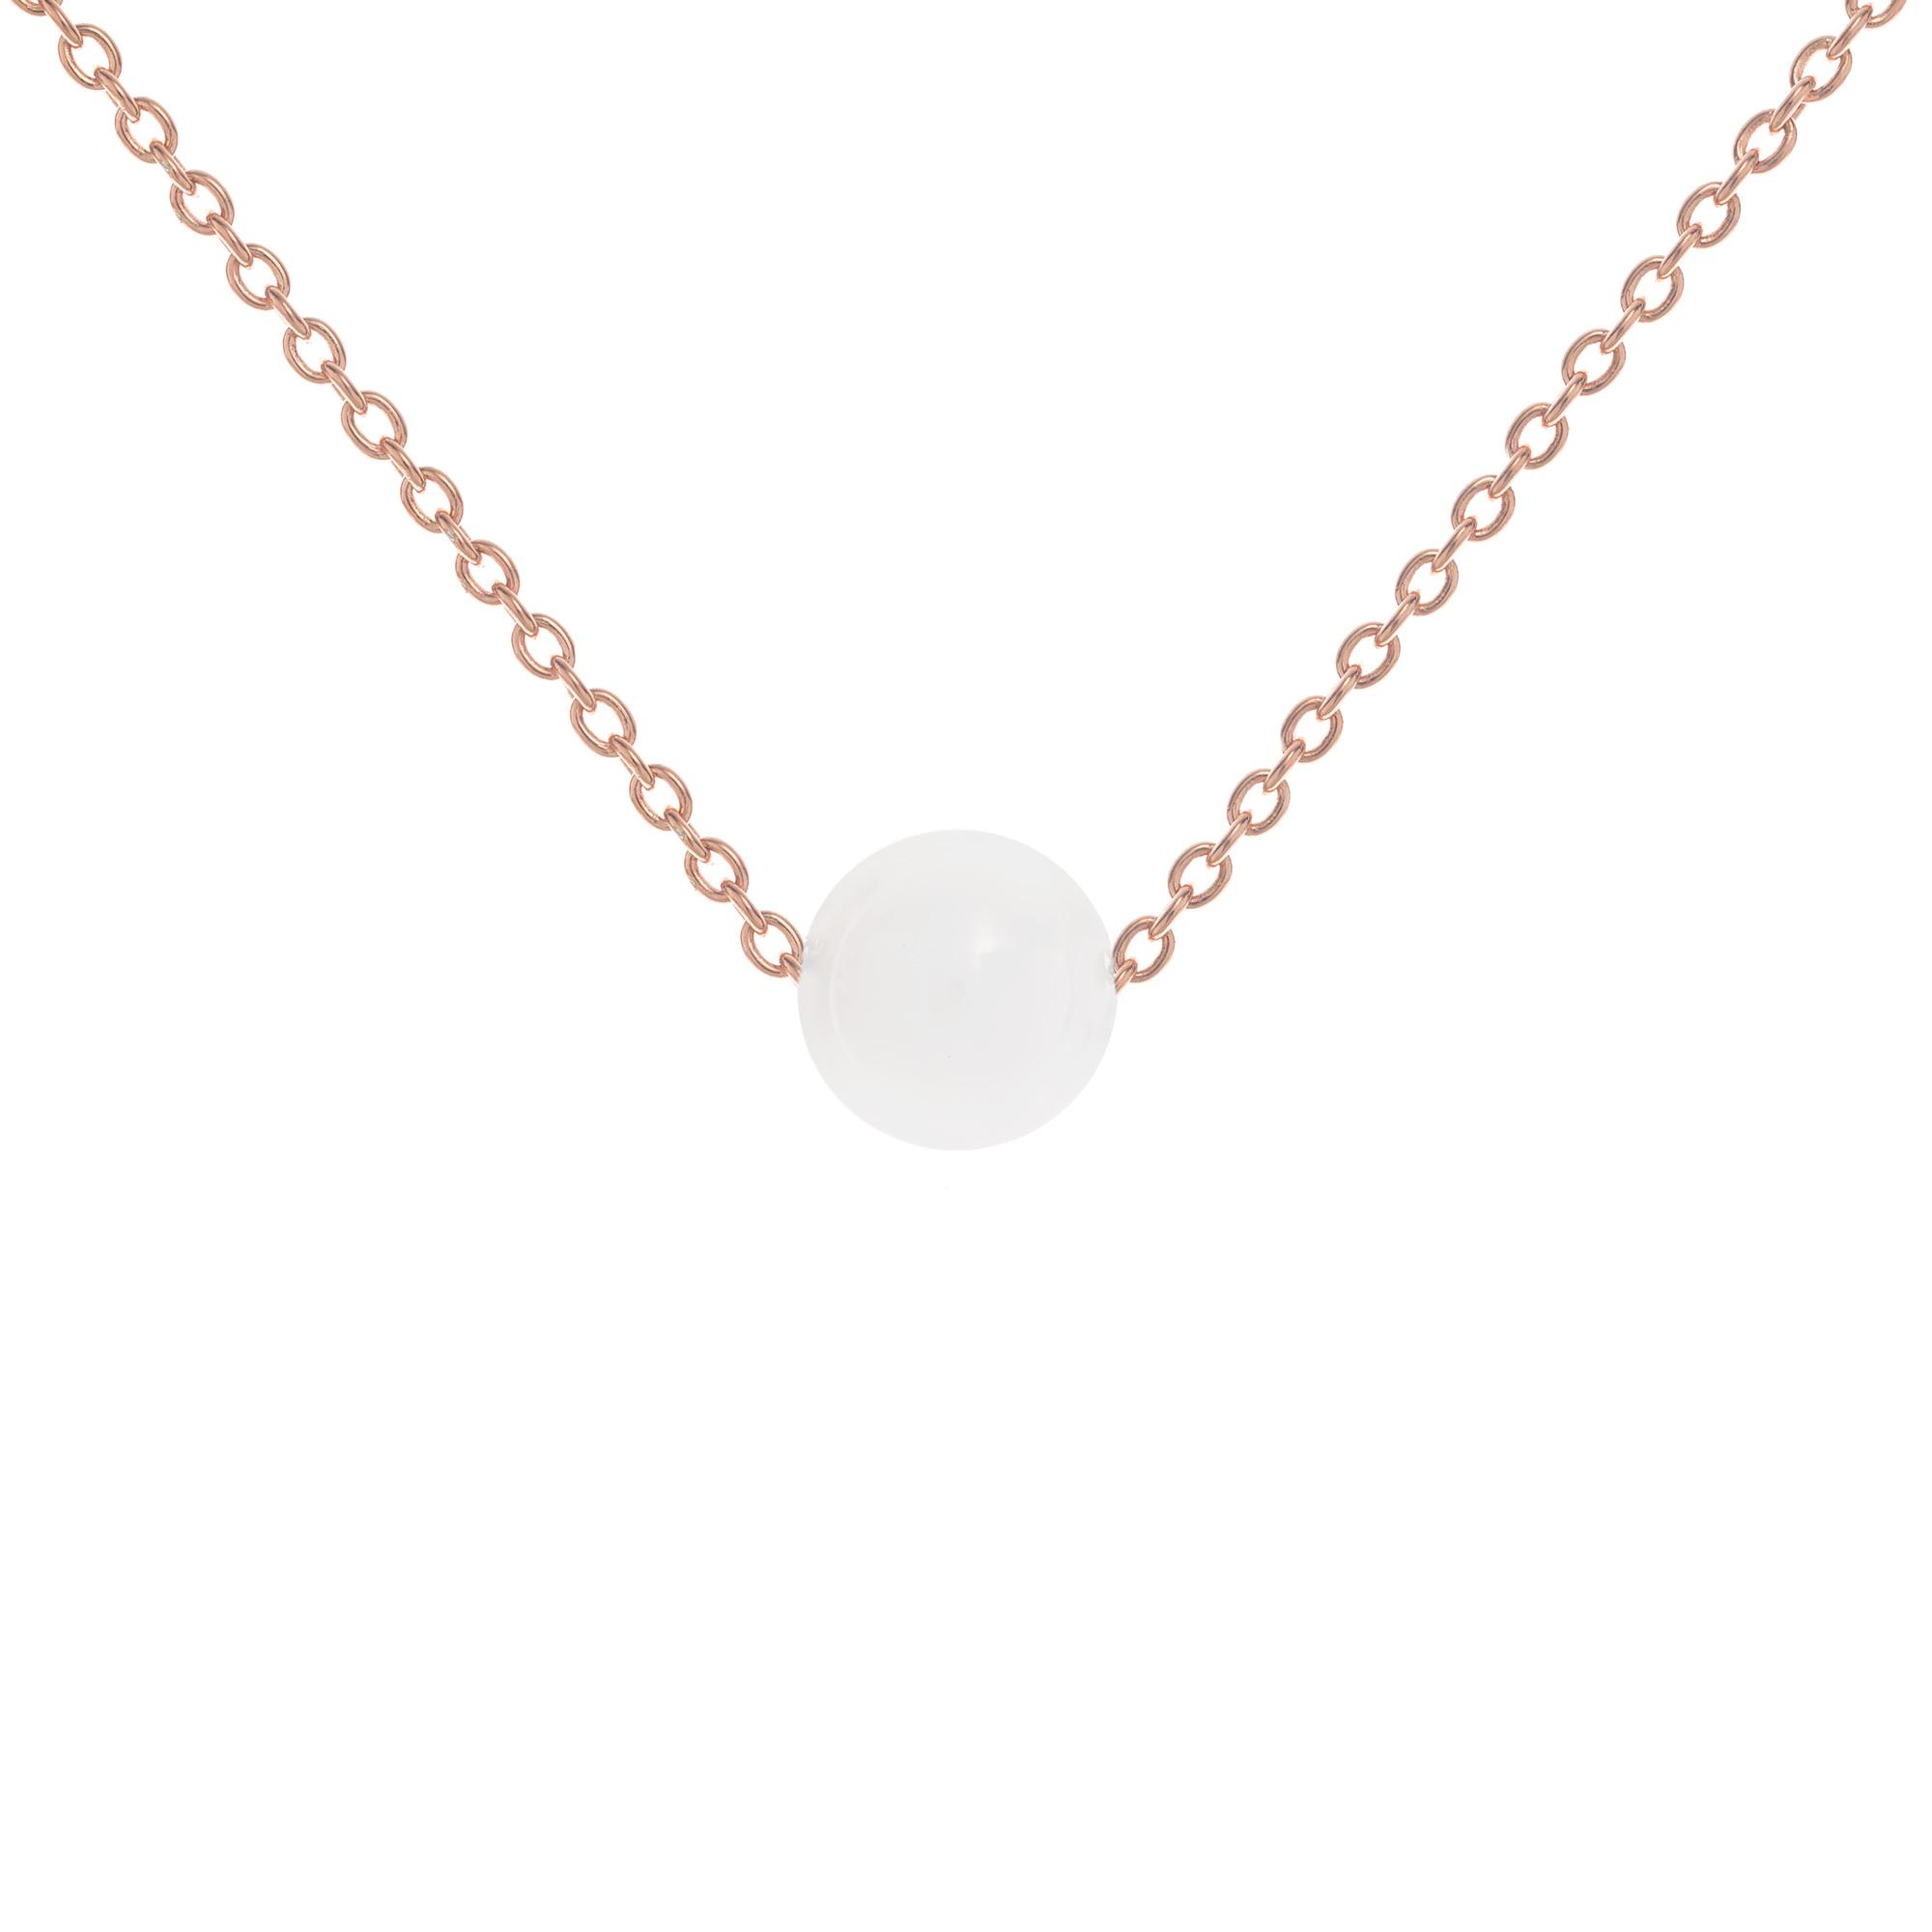 Halsketten MILKIES.DE – Muttermilchschmuck   Schmuck aus